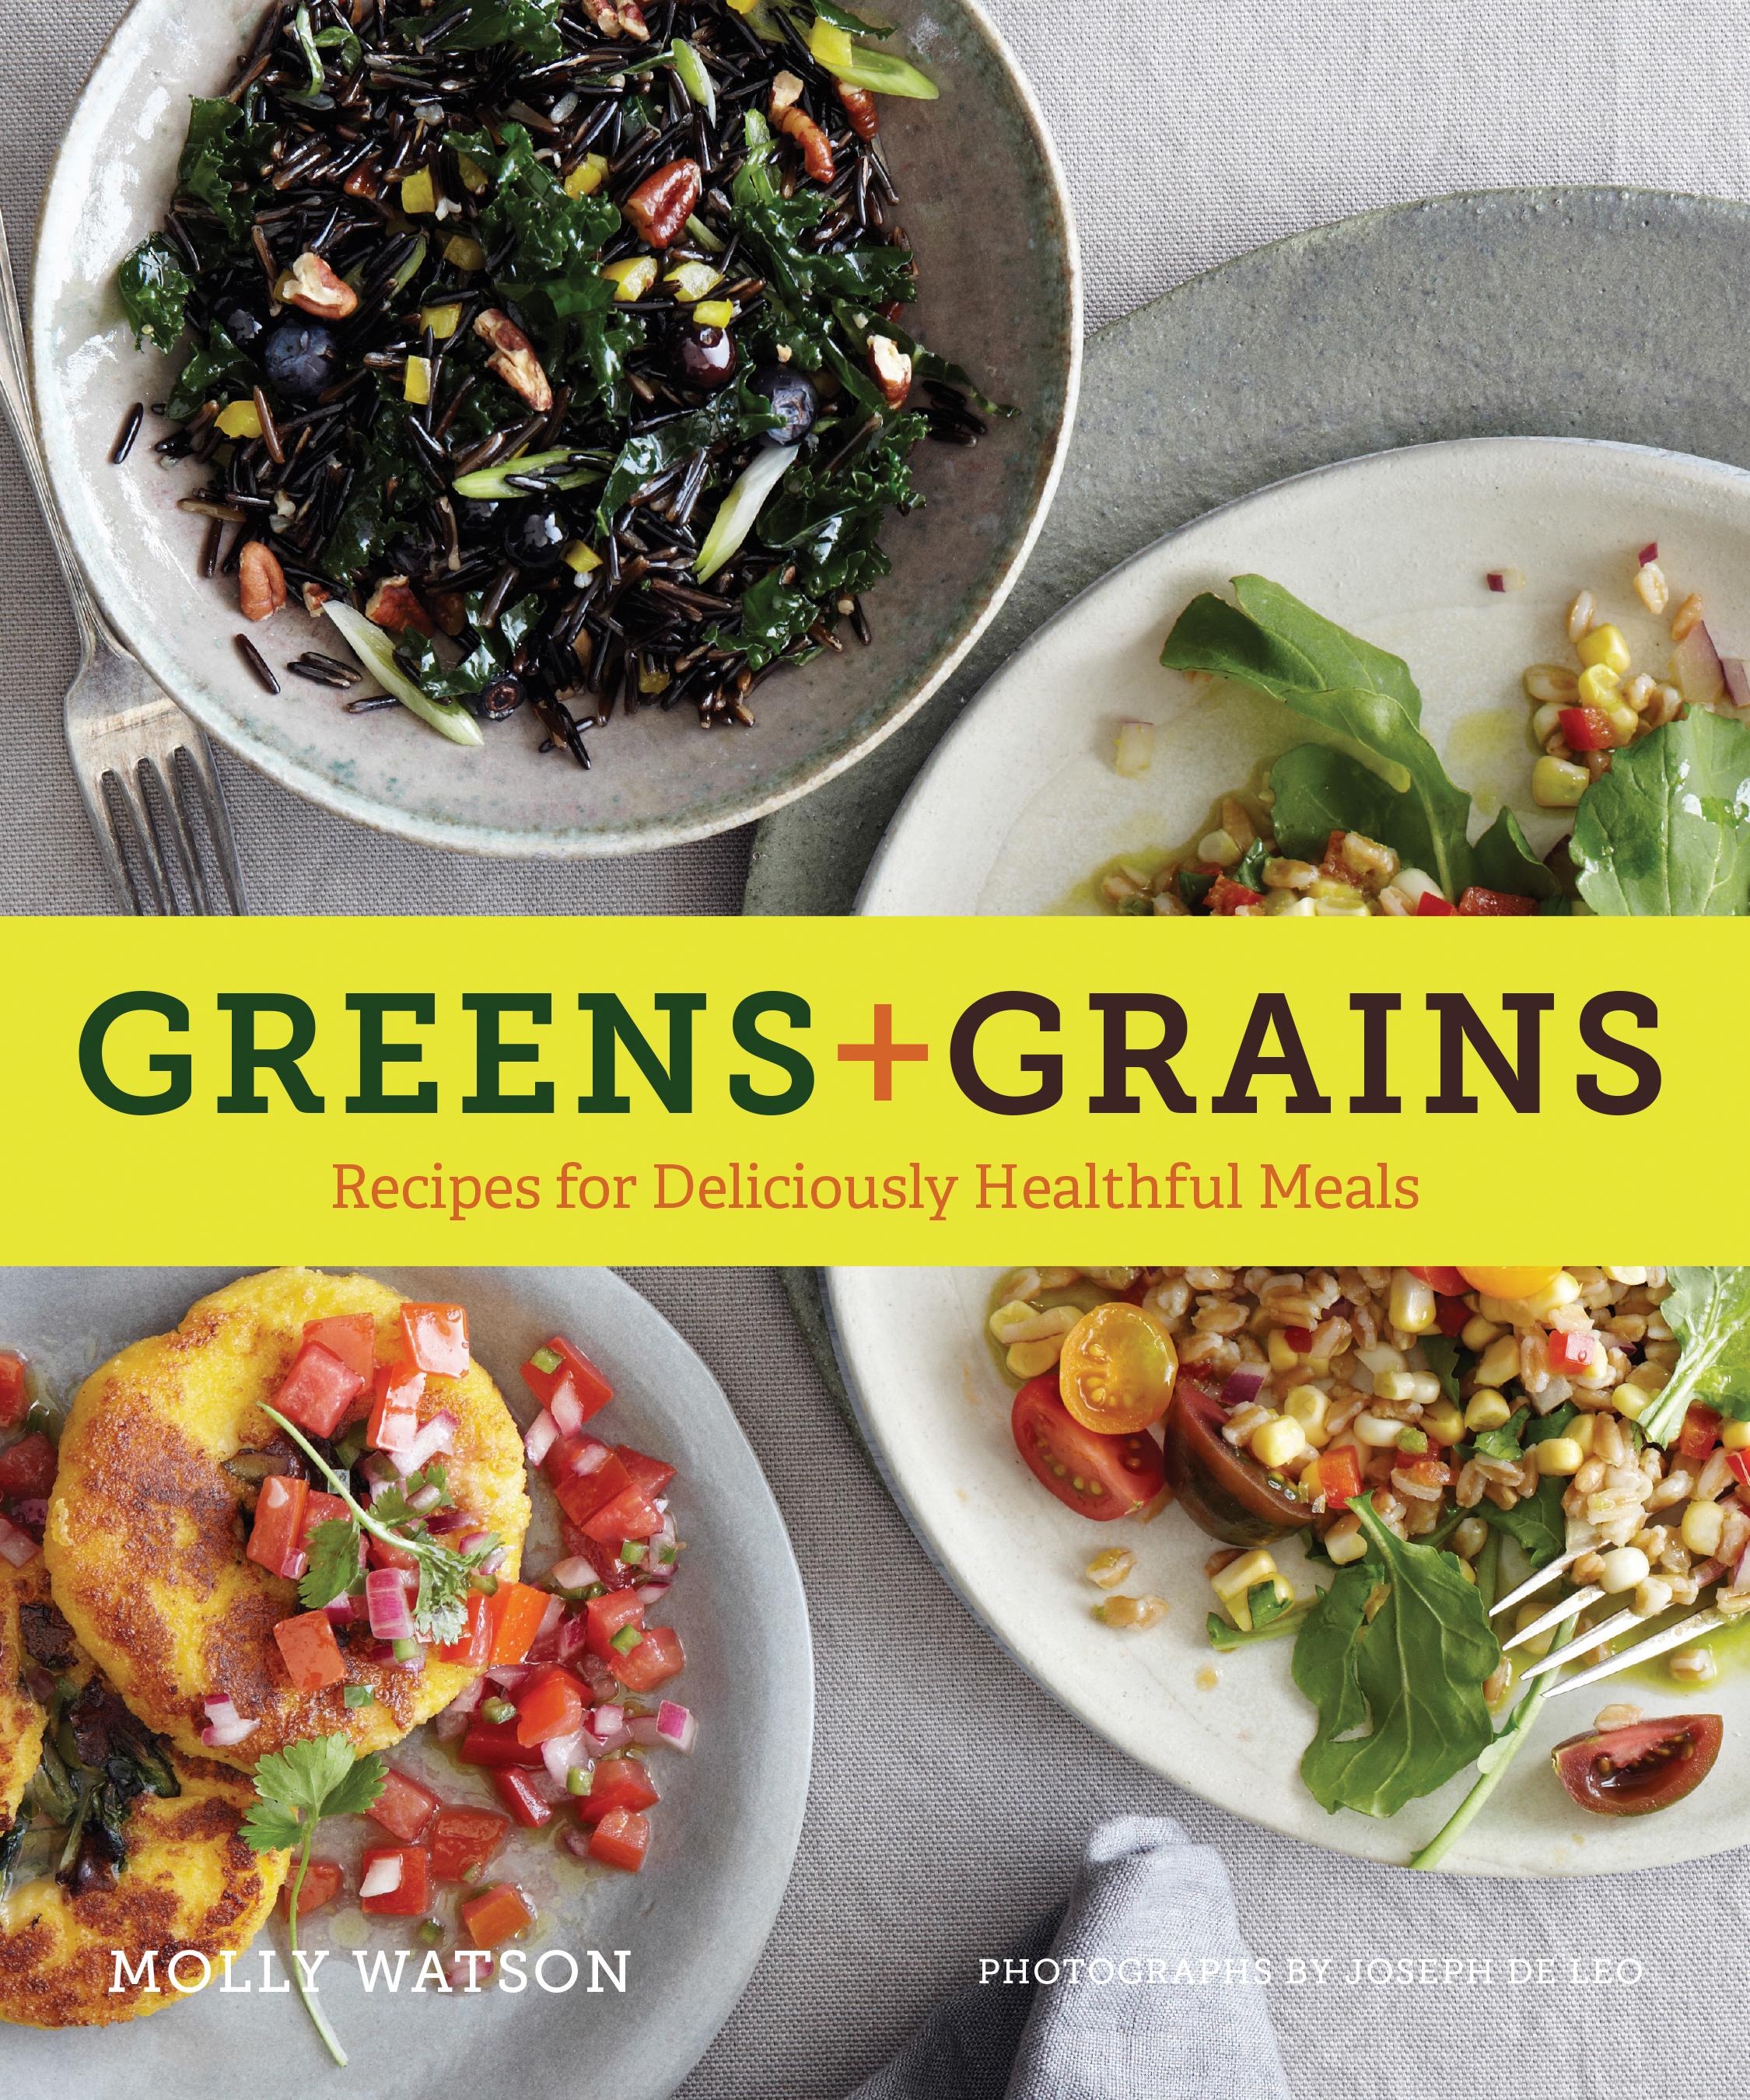 Copy of Greens + Grains